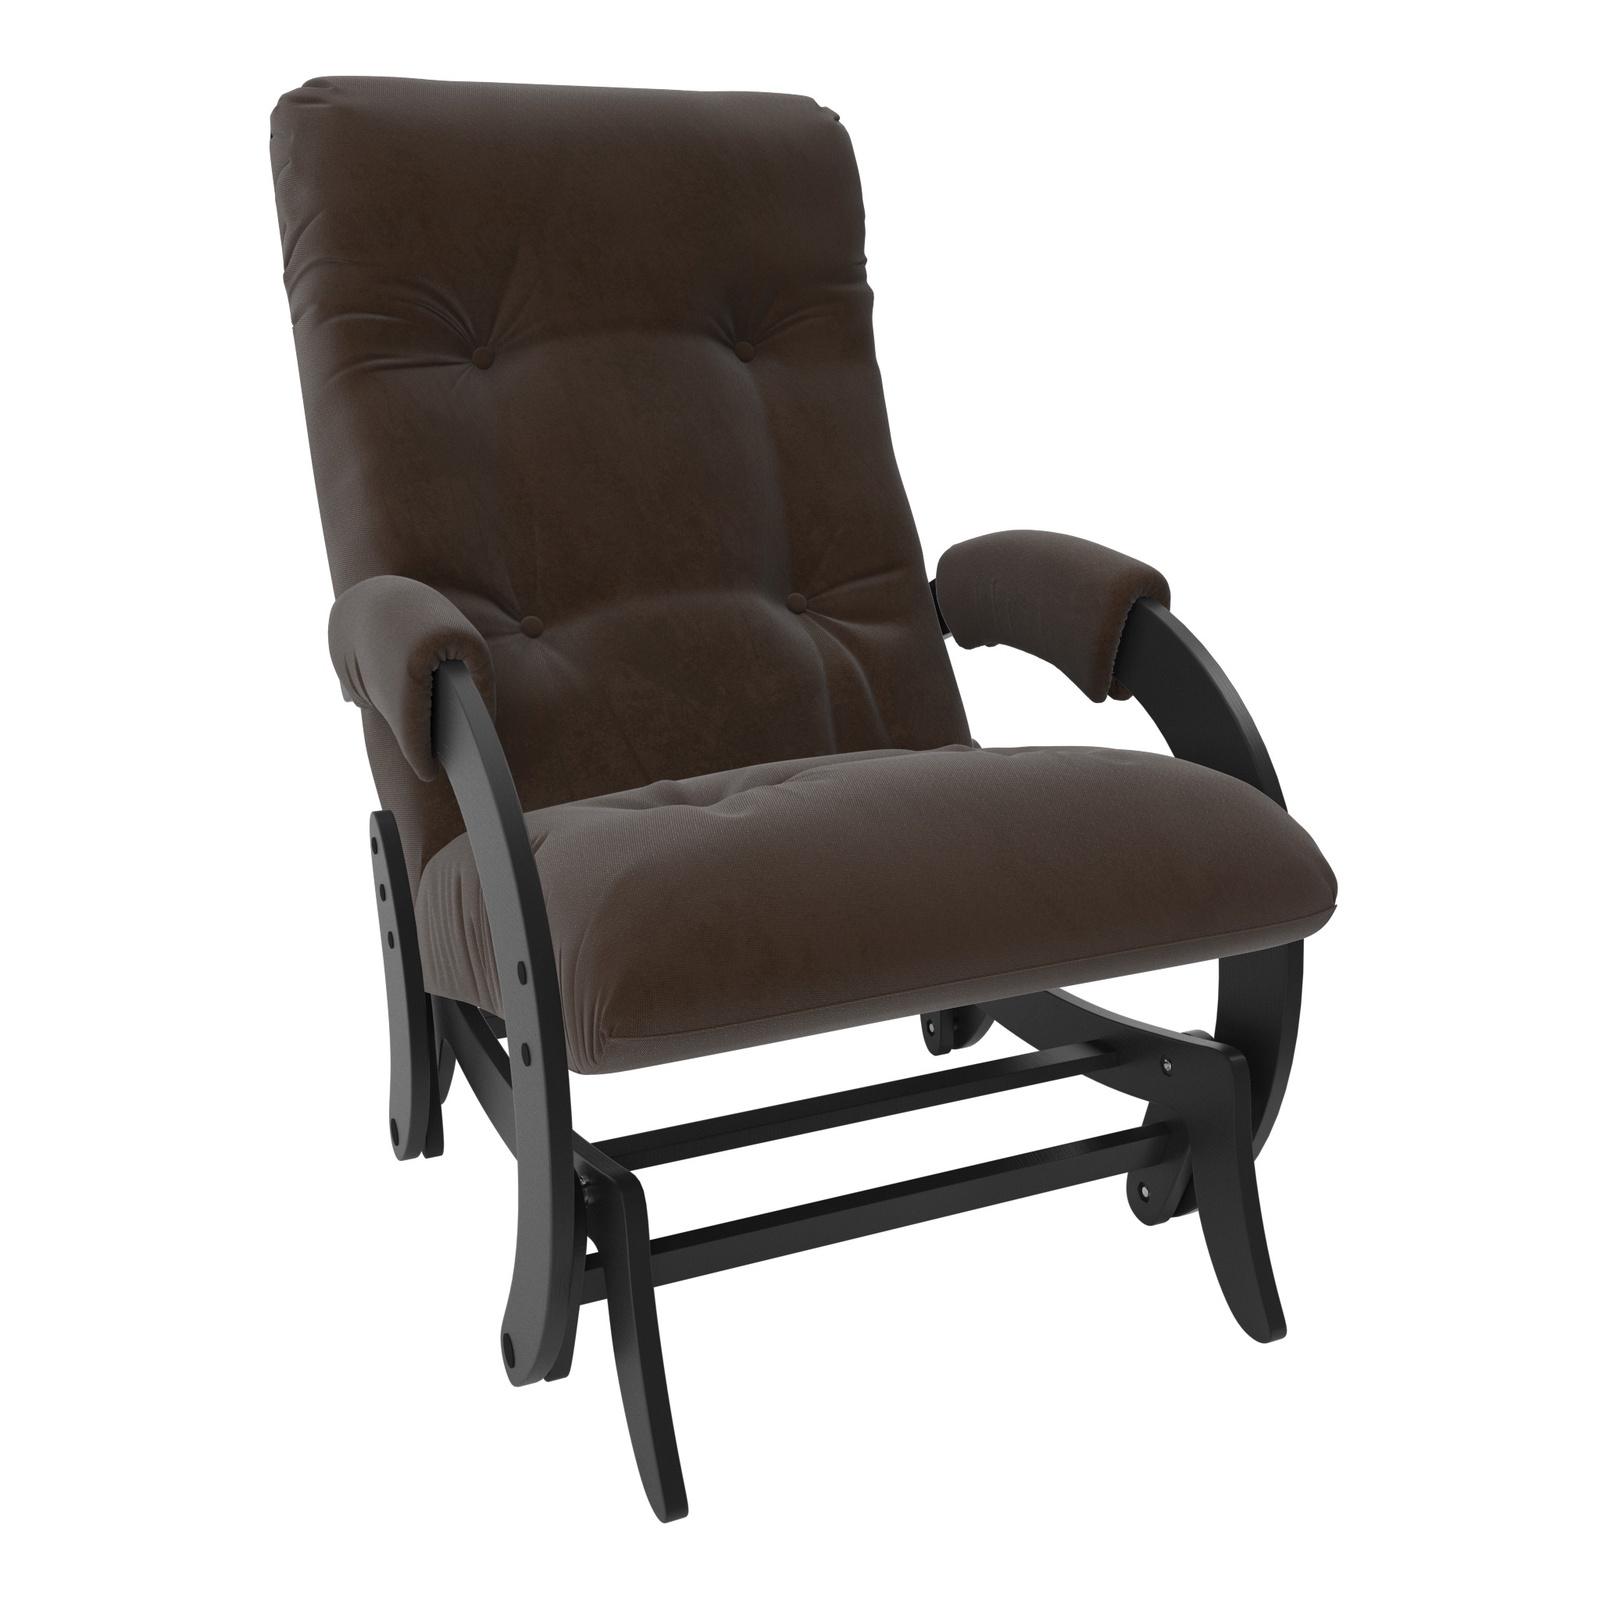 Кресло-качалка Комфорт model-68, коричневый